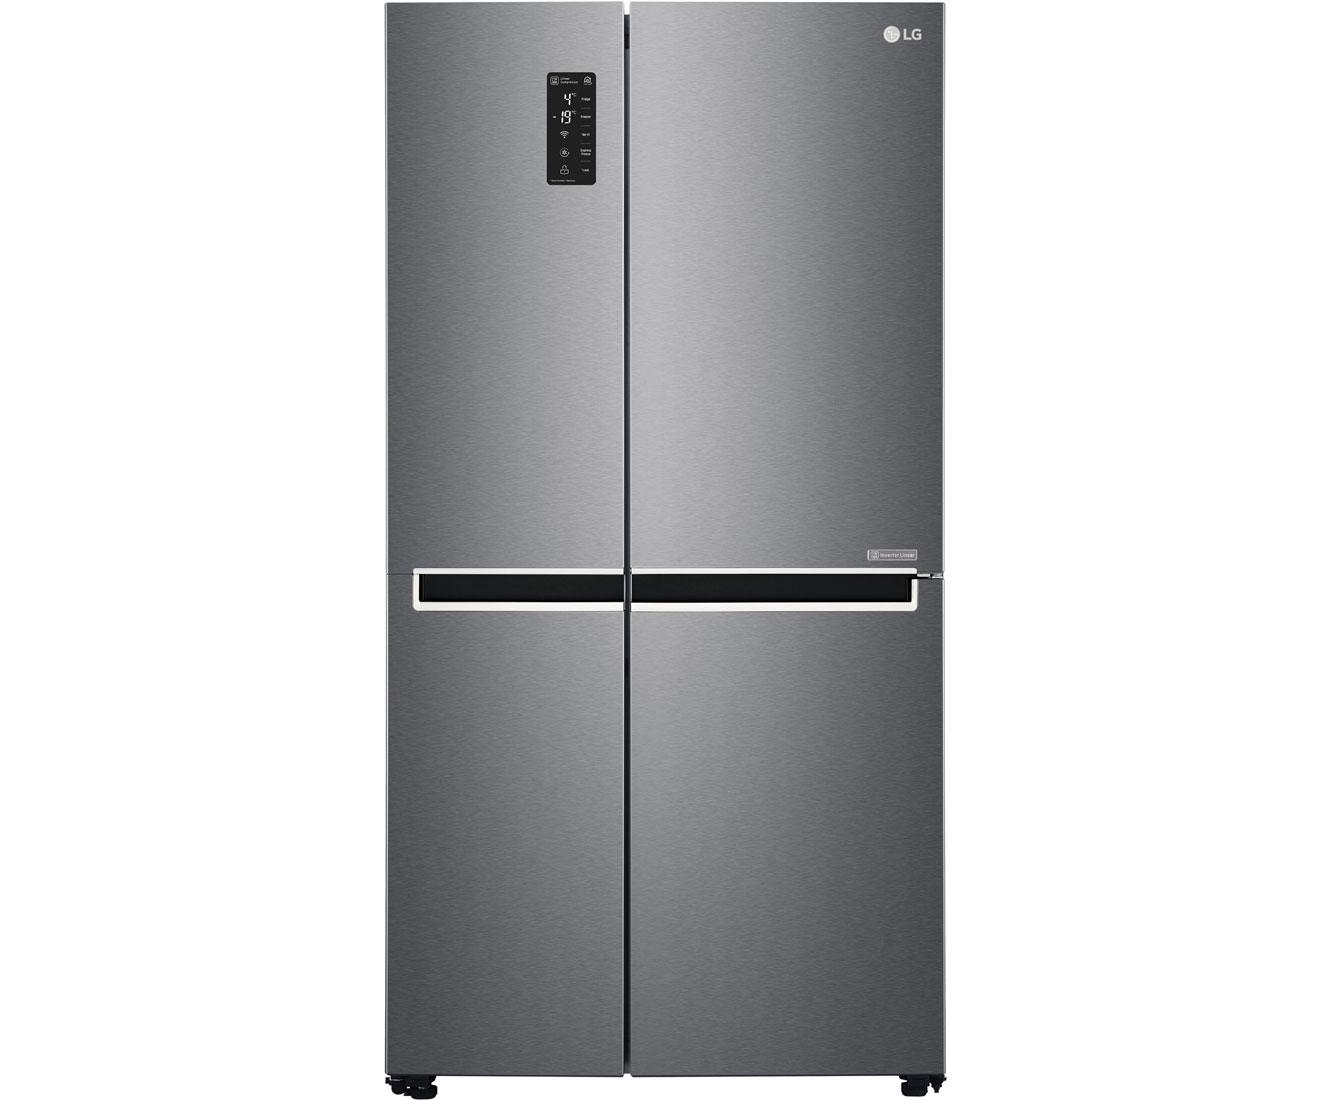 Side By Side Kühlschrank Lg : Side by side kühlschrank kaufen kühlschrank samsung side by side